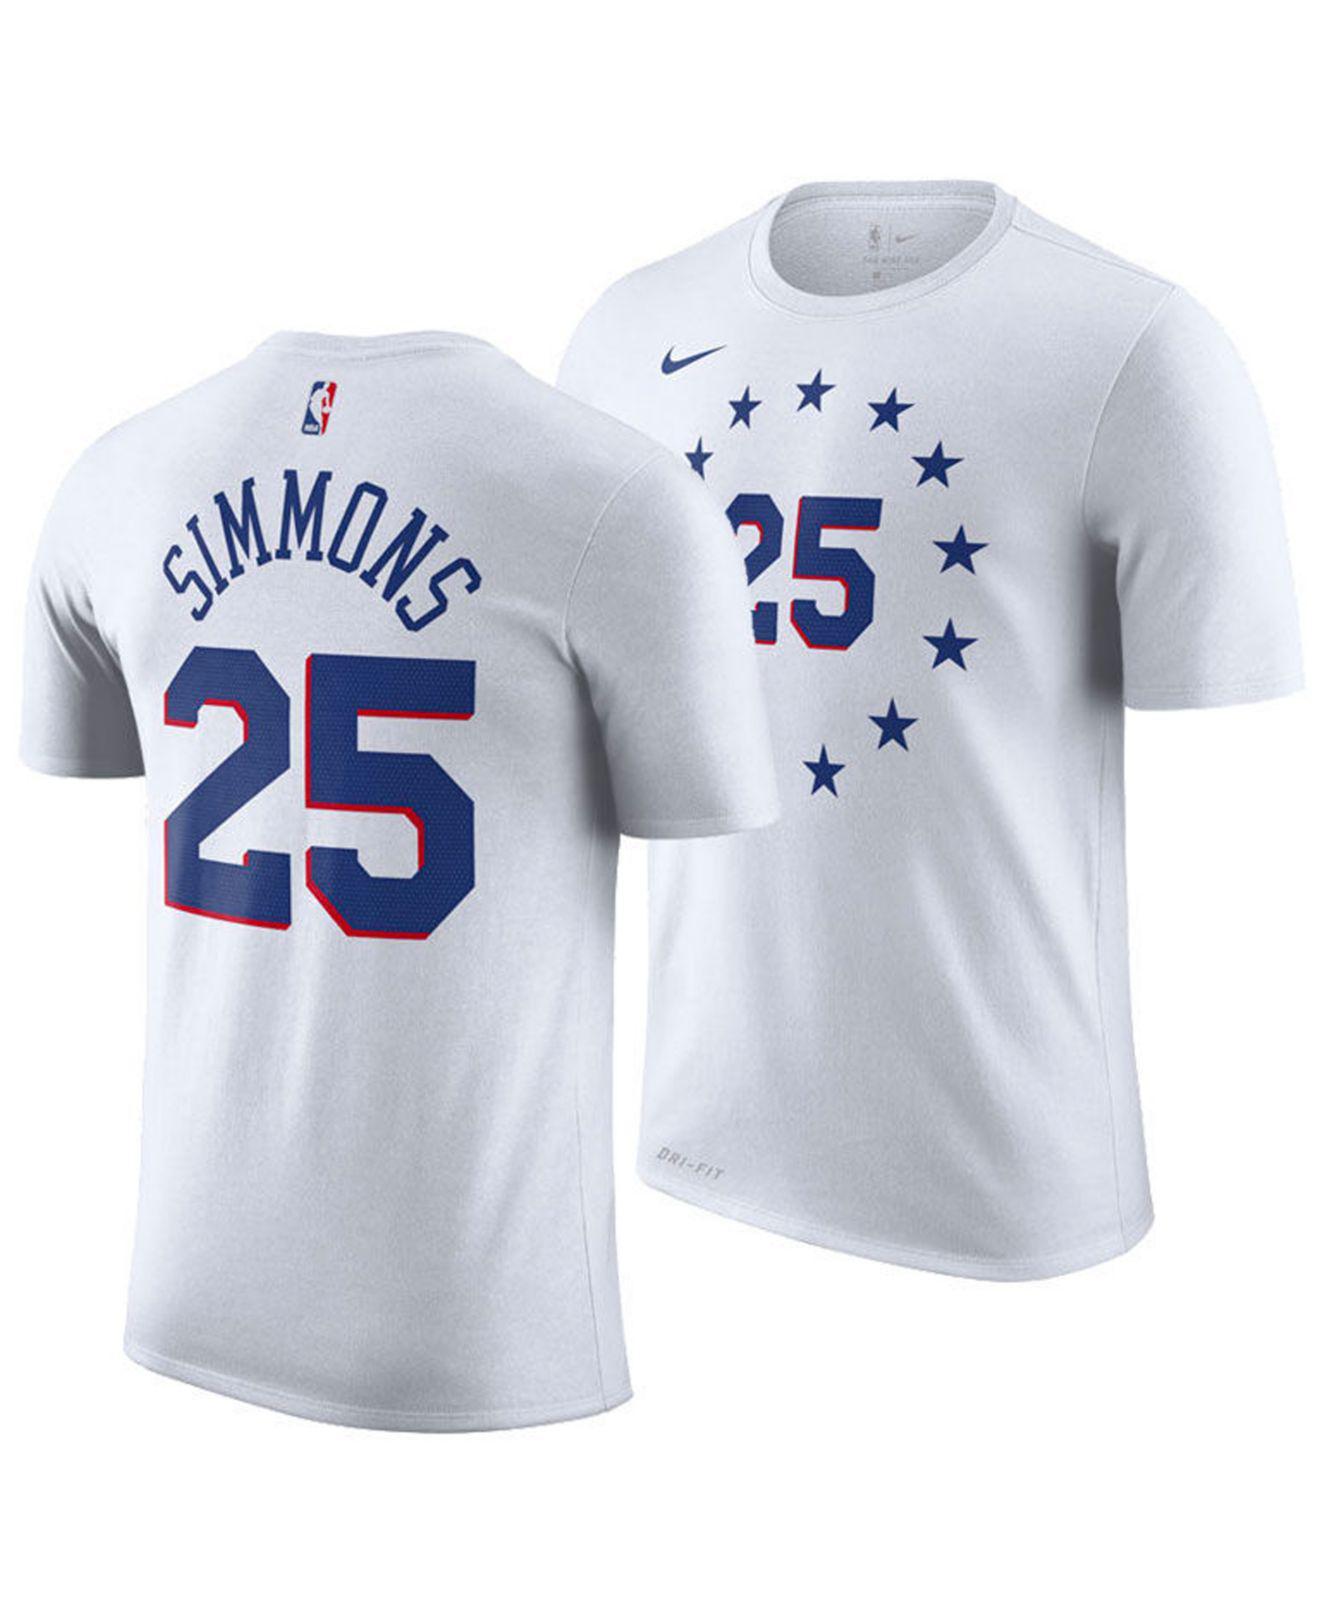 1eb31ffe866 Nike. Men s White Ben Simmons Philadelphia 76ers Earned Edition Player T- shirt